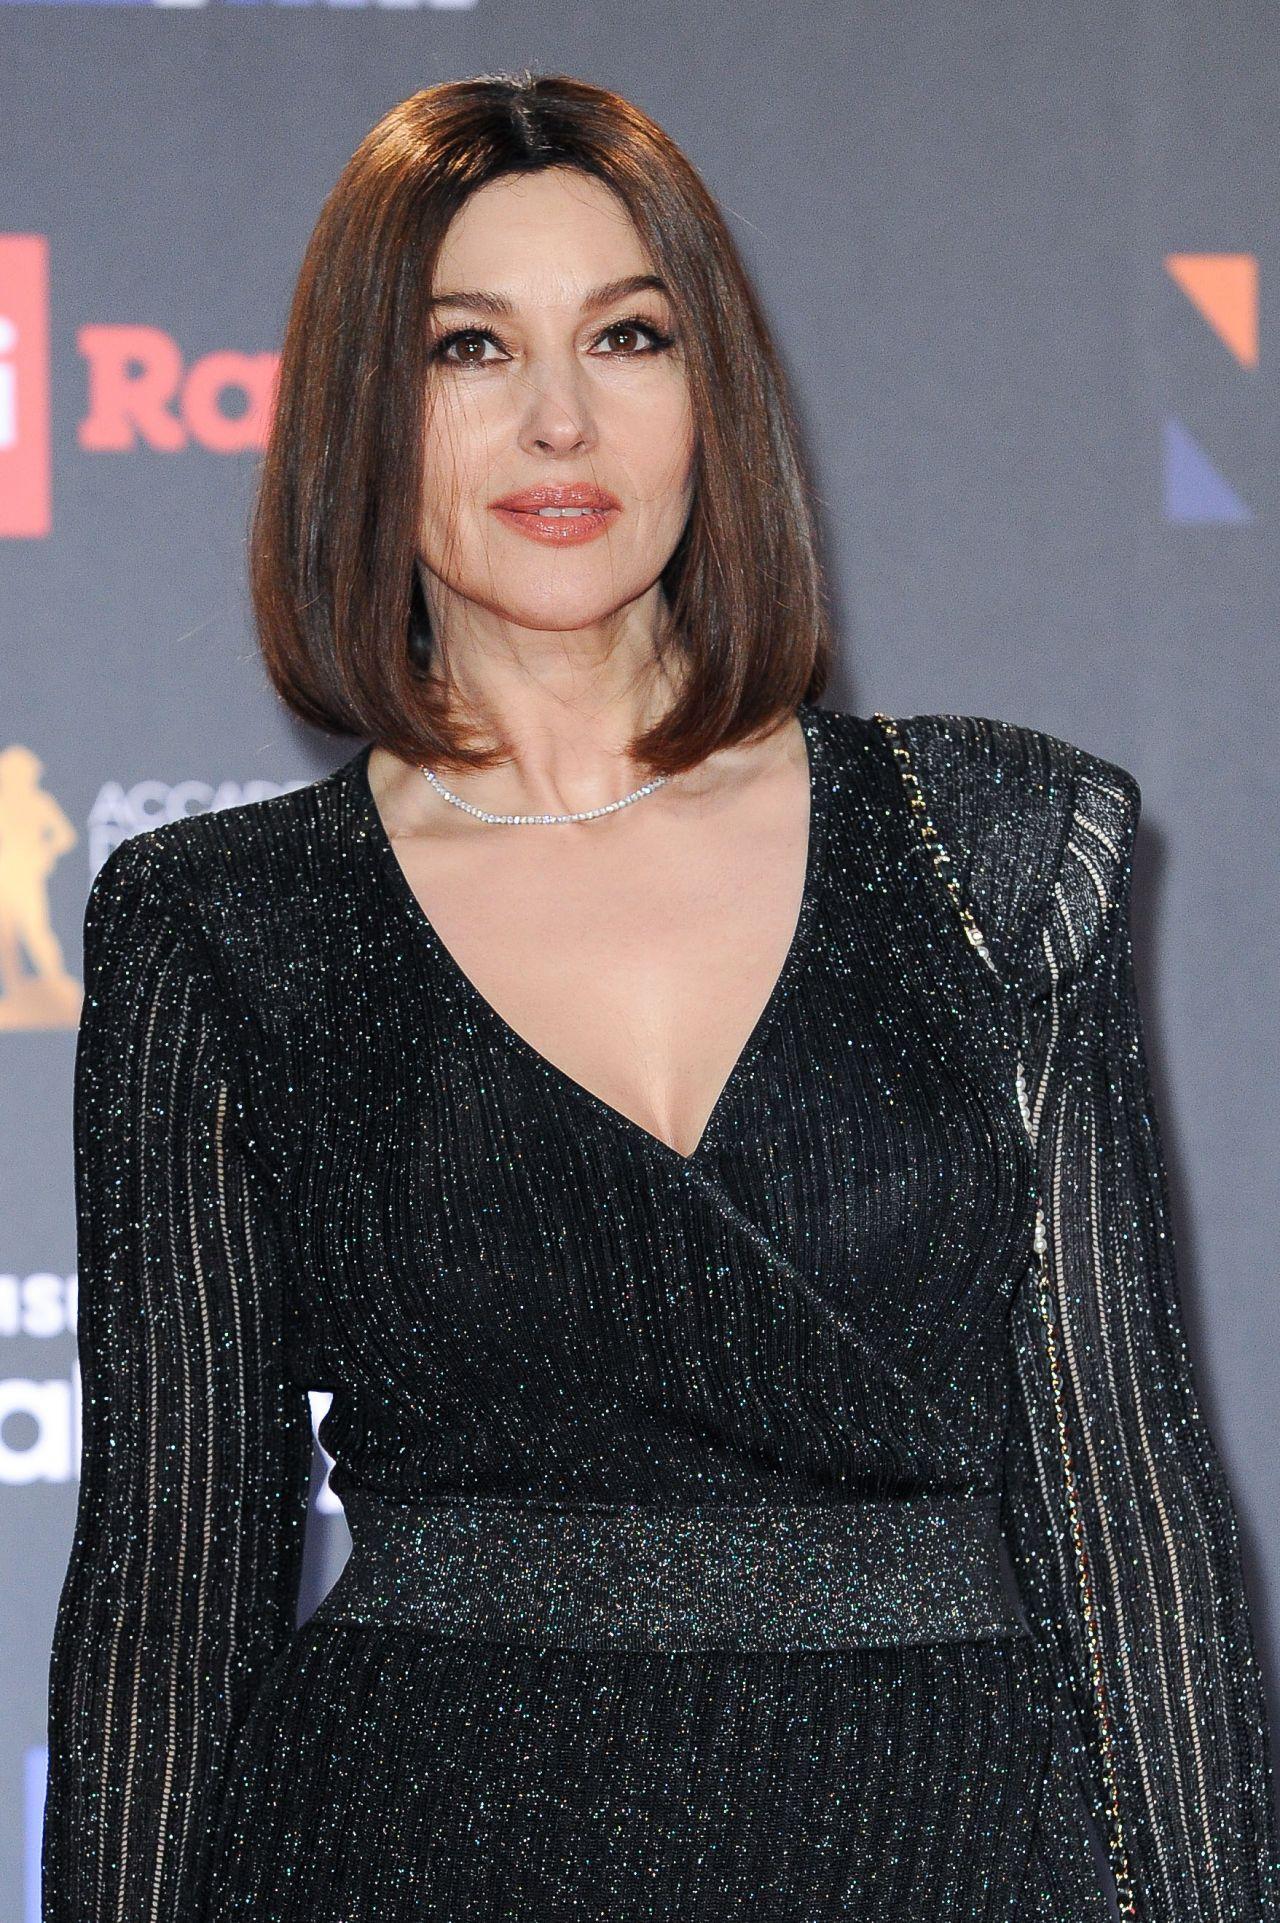 Monica Bellucci – 2018 David di Donatello Awards in Rome Monica Bellucci